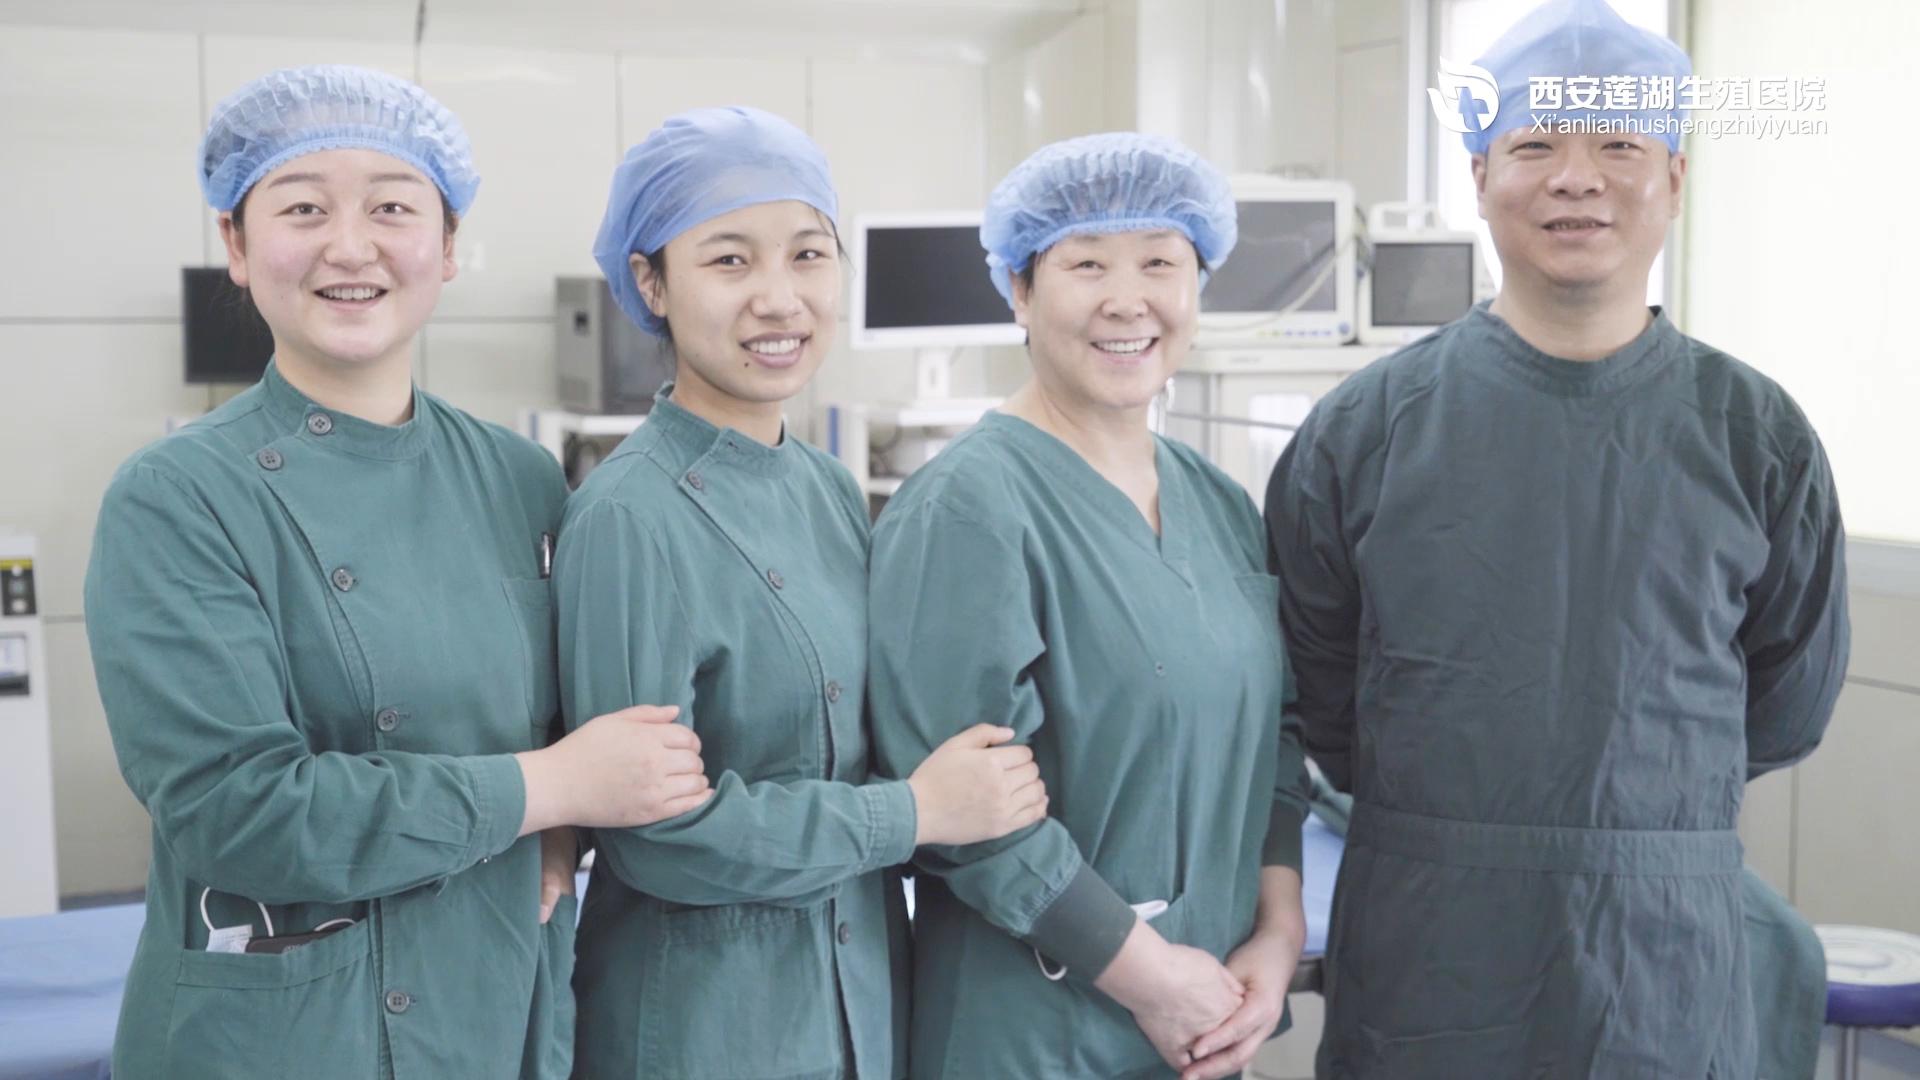 西安男科医院,西安正规男科医院,西安治疗阳痿医院,西安治疗早泄,西安做包皮手术医院,西安哪家男科医院好